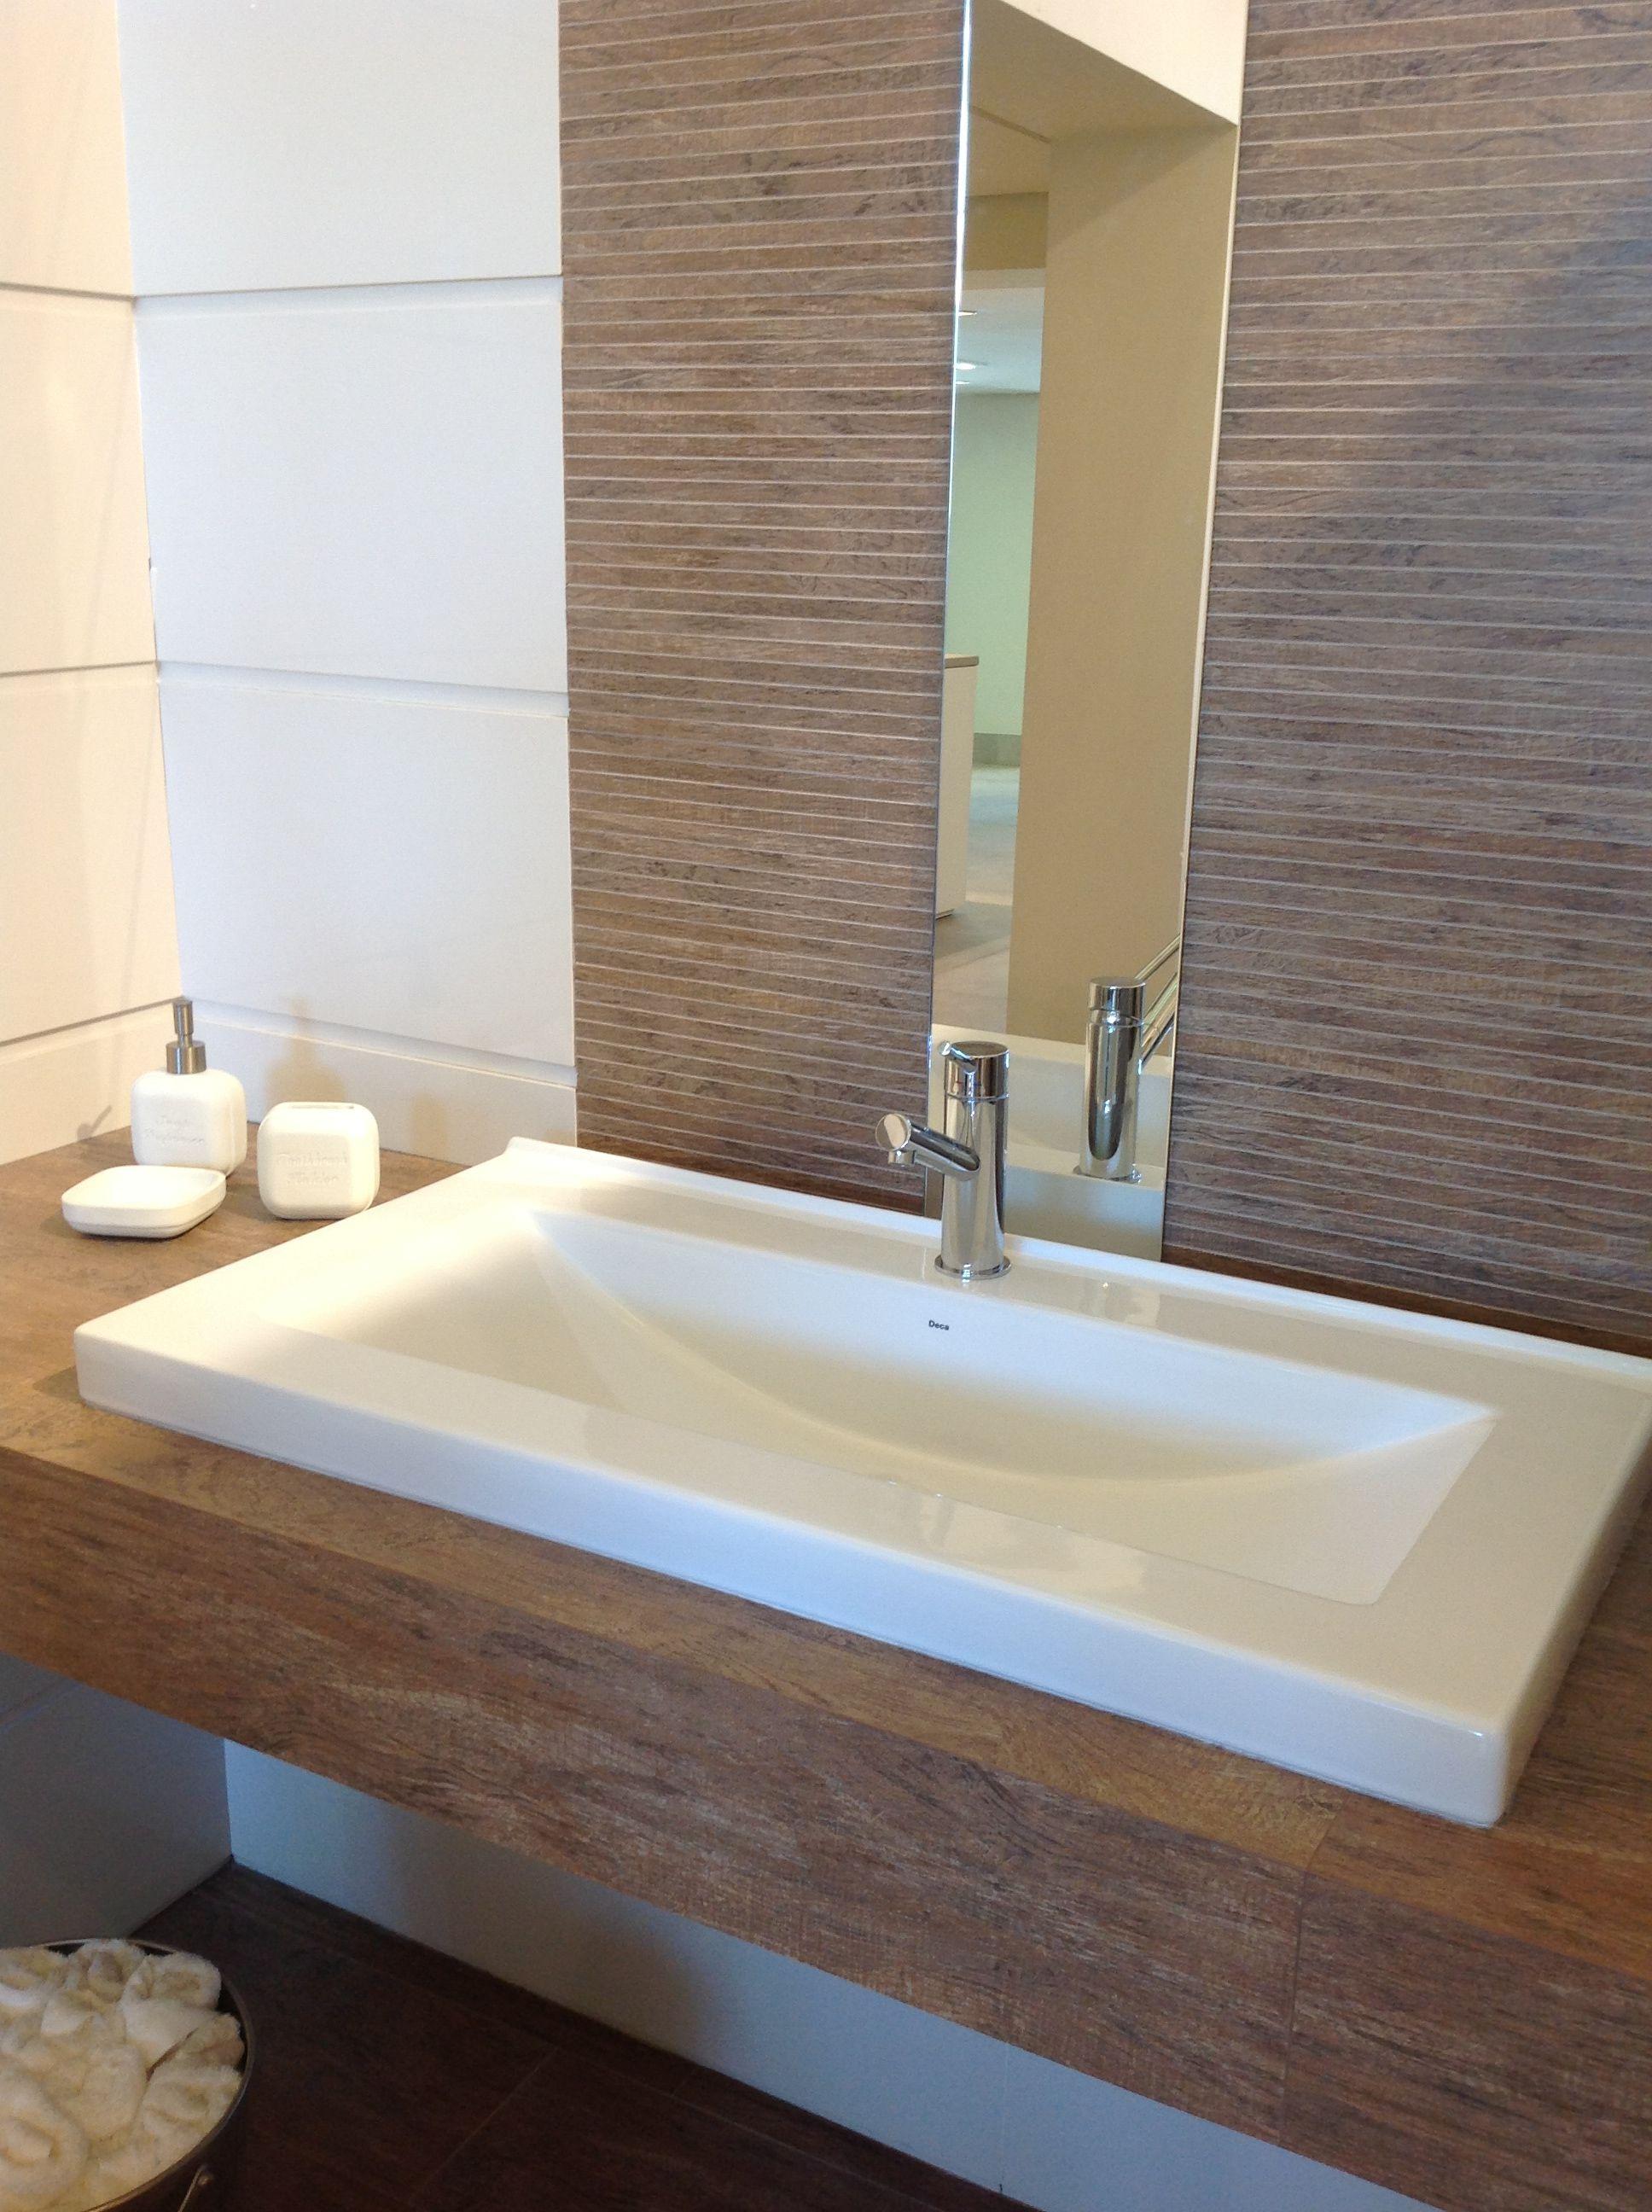 bancada em porcelanato imitando madeira Referências para o lavabo  #3D628E 1936x2592 Banheiro Bancada Porcelanato